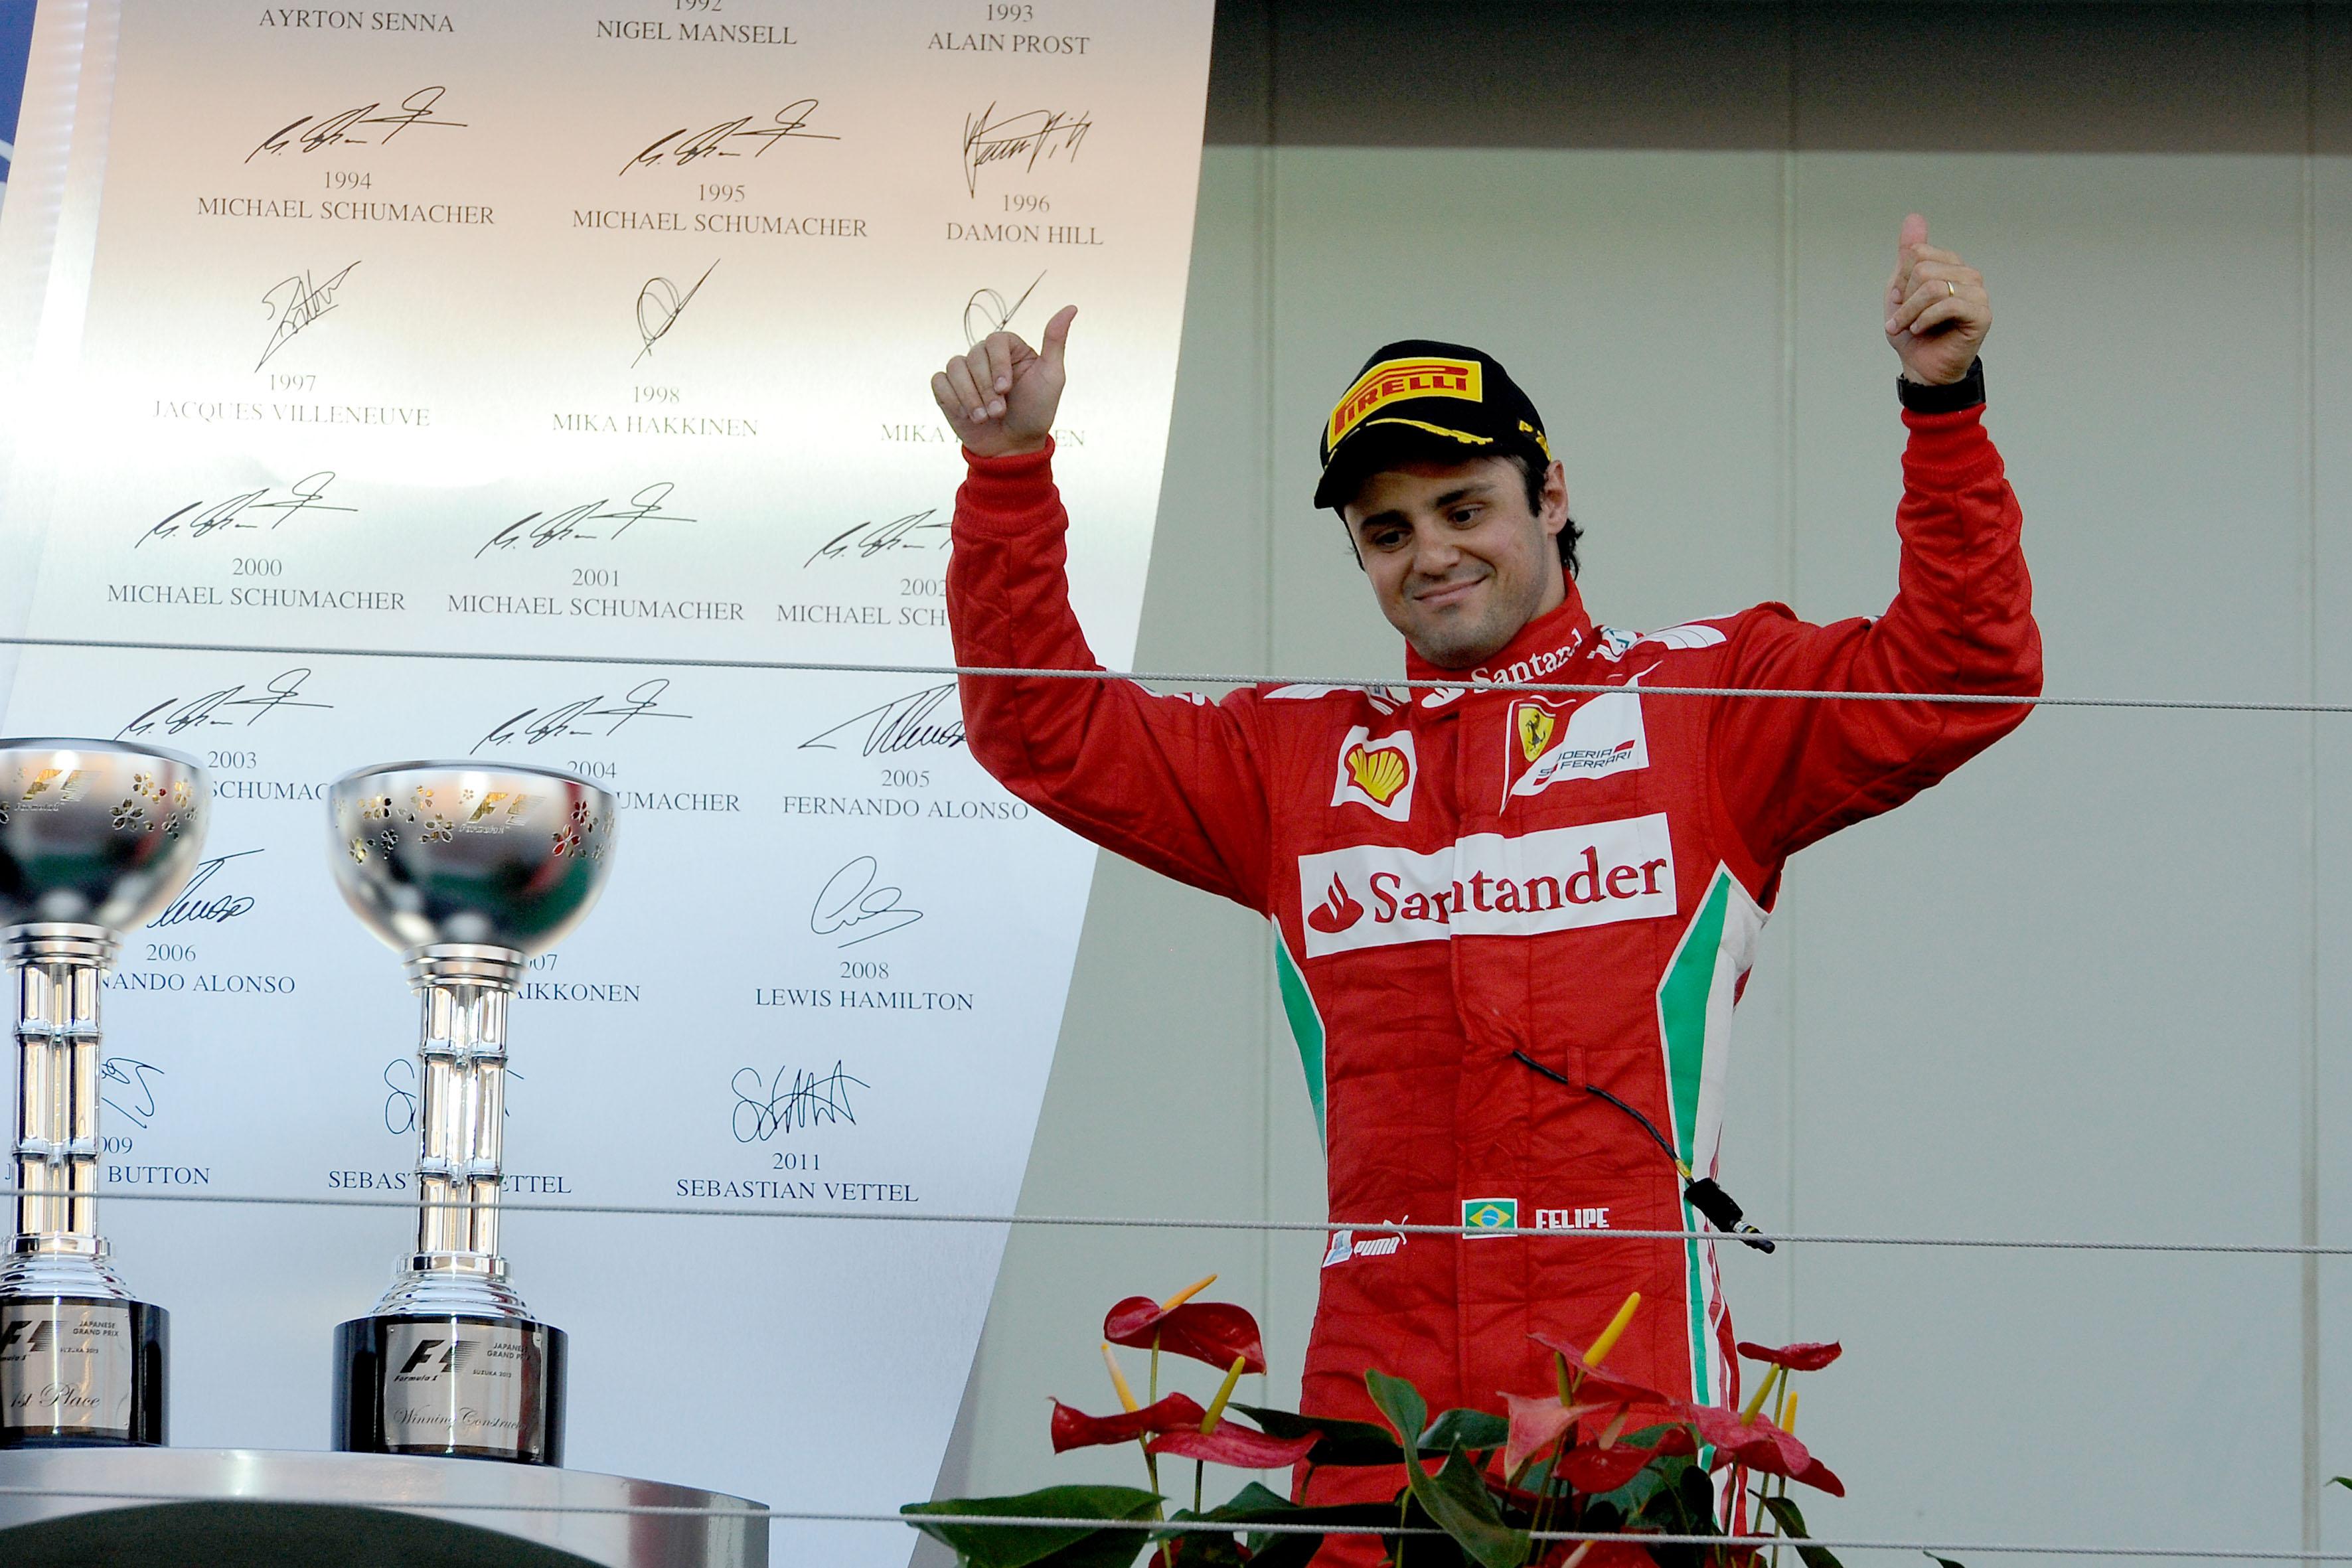 Felipe Massa Returns To Ferrari For 2013